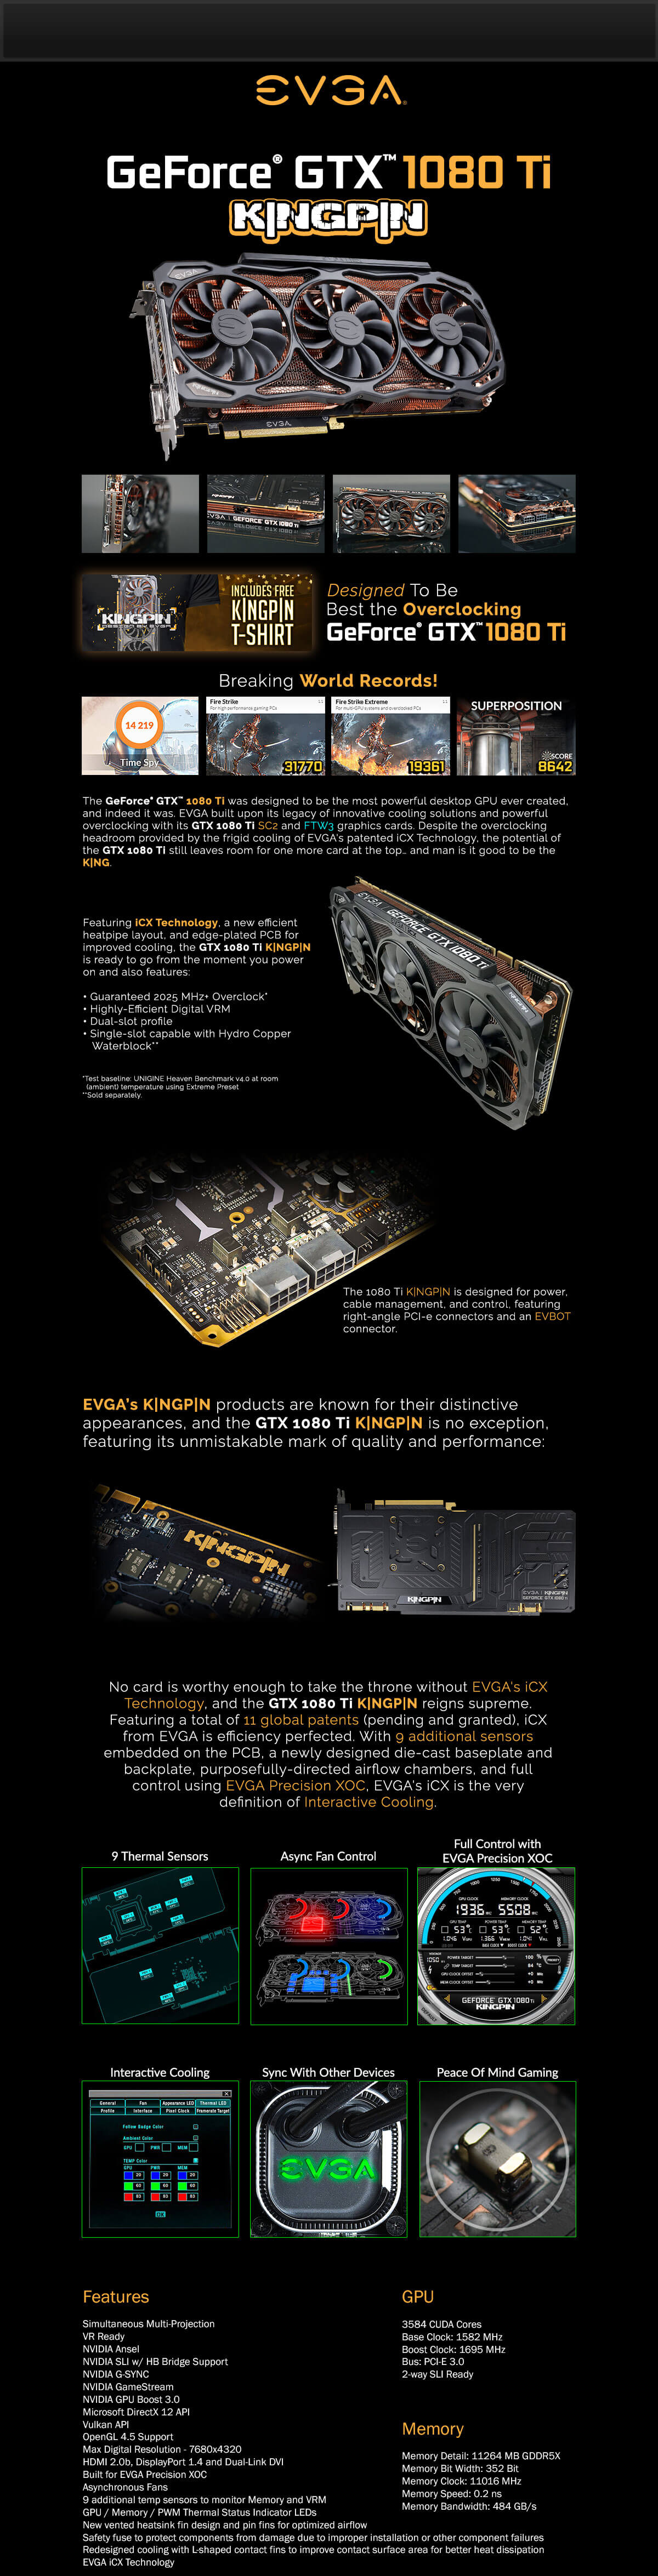 EVGA GeForce GTX 1080 Ti K|NGP|N